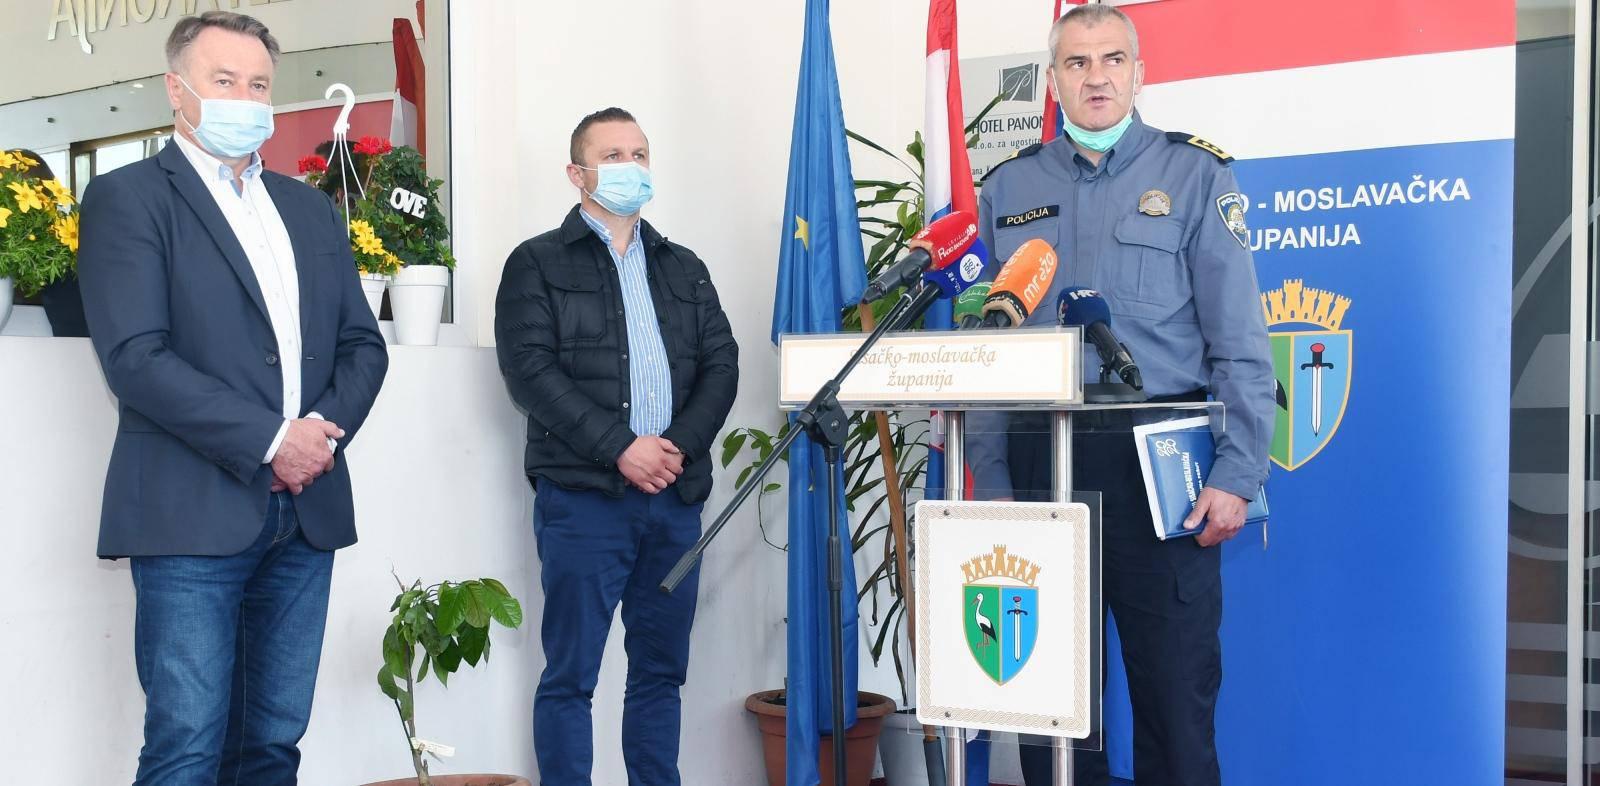 U Sisačko-moslavačkoj županiji nema novih slučajeva oboljelih od koronavirusa